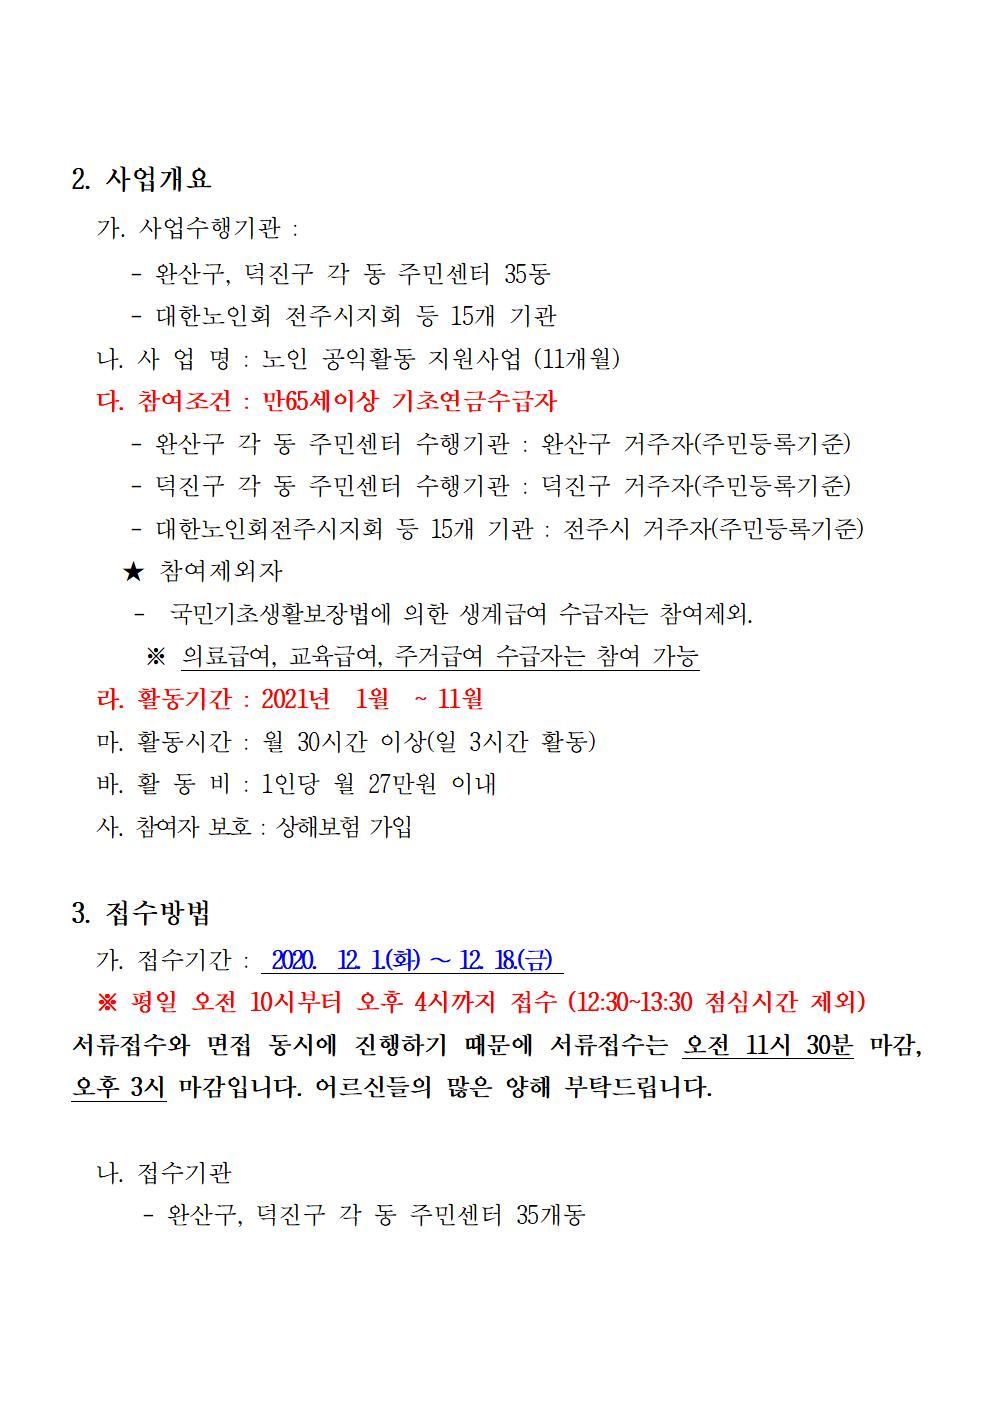 2021년 노인공익활동(11개월)참여자 모집 공고(안)_1A7F.tmp002.jpg